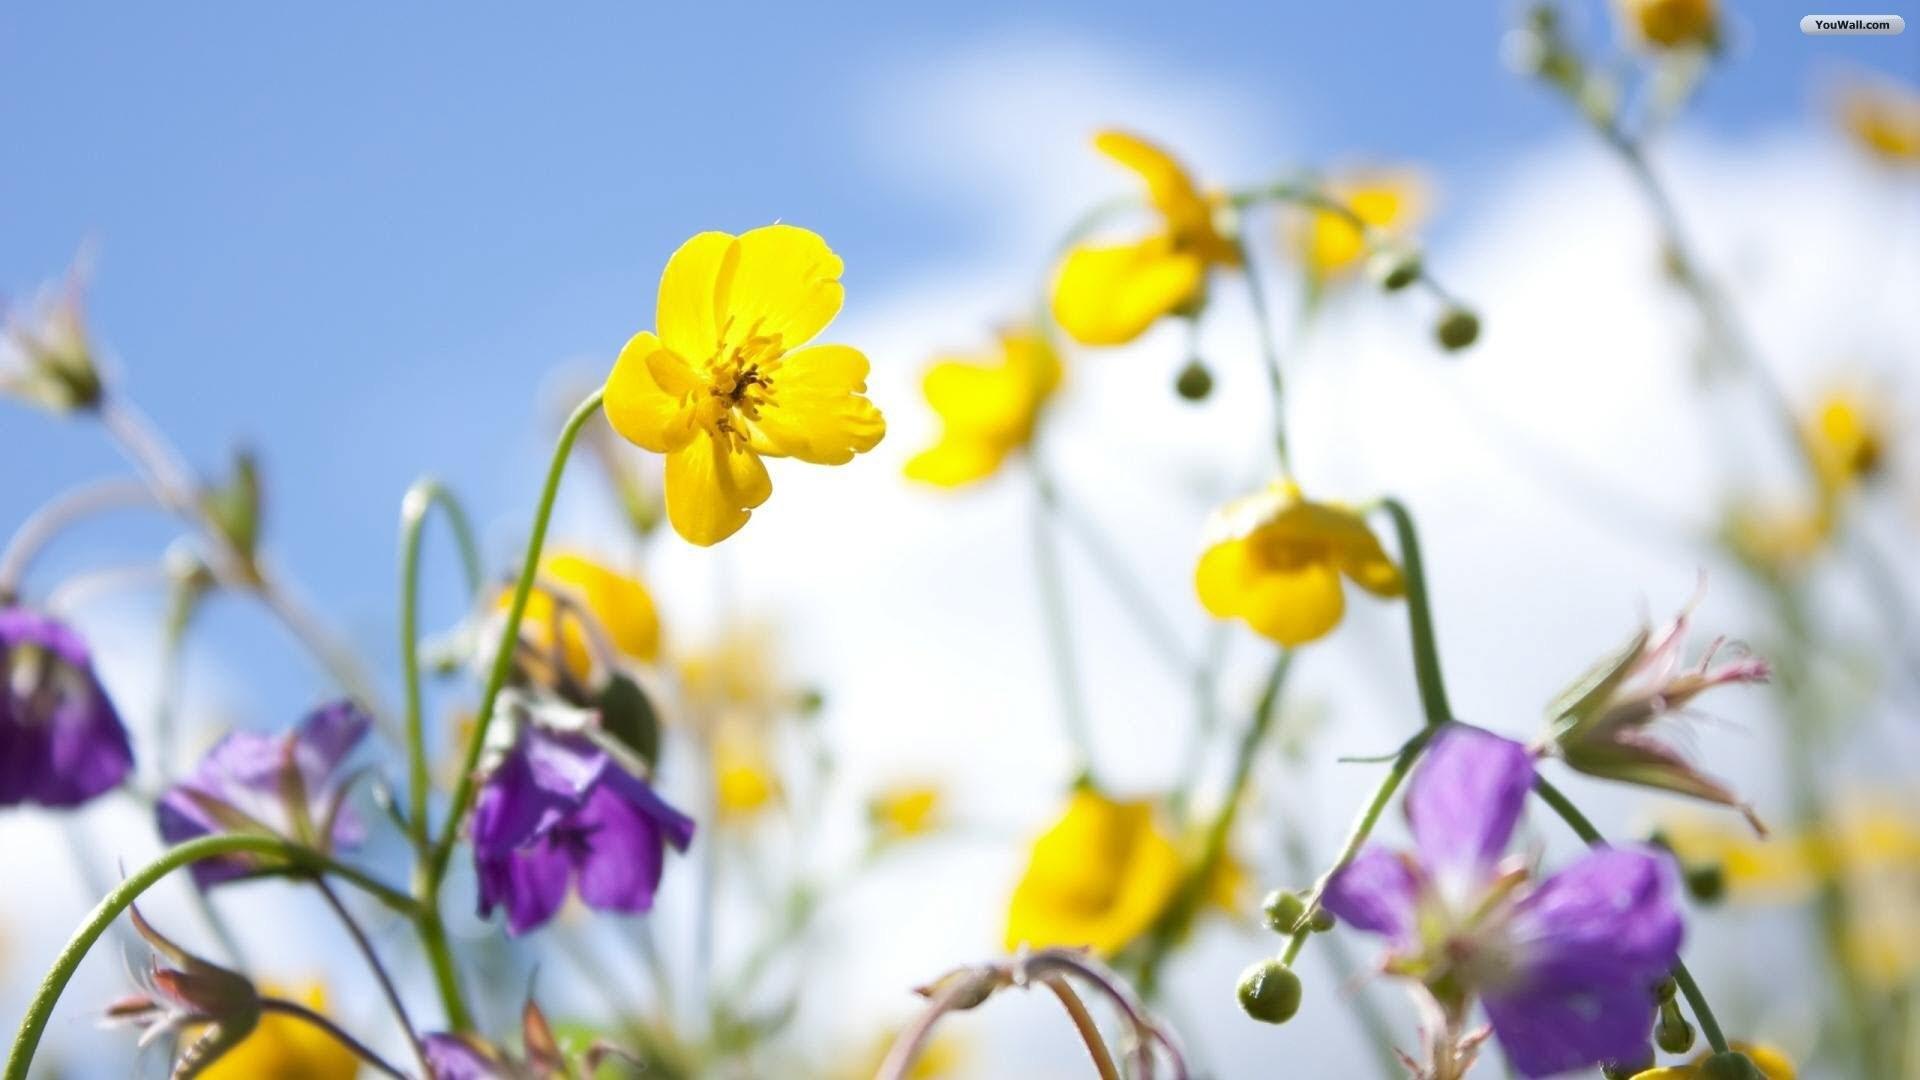 Spring Flower Desktop Background Wallpapertag - Flower Desktop Hd Spring Background - HD Wallpaper